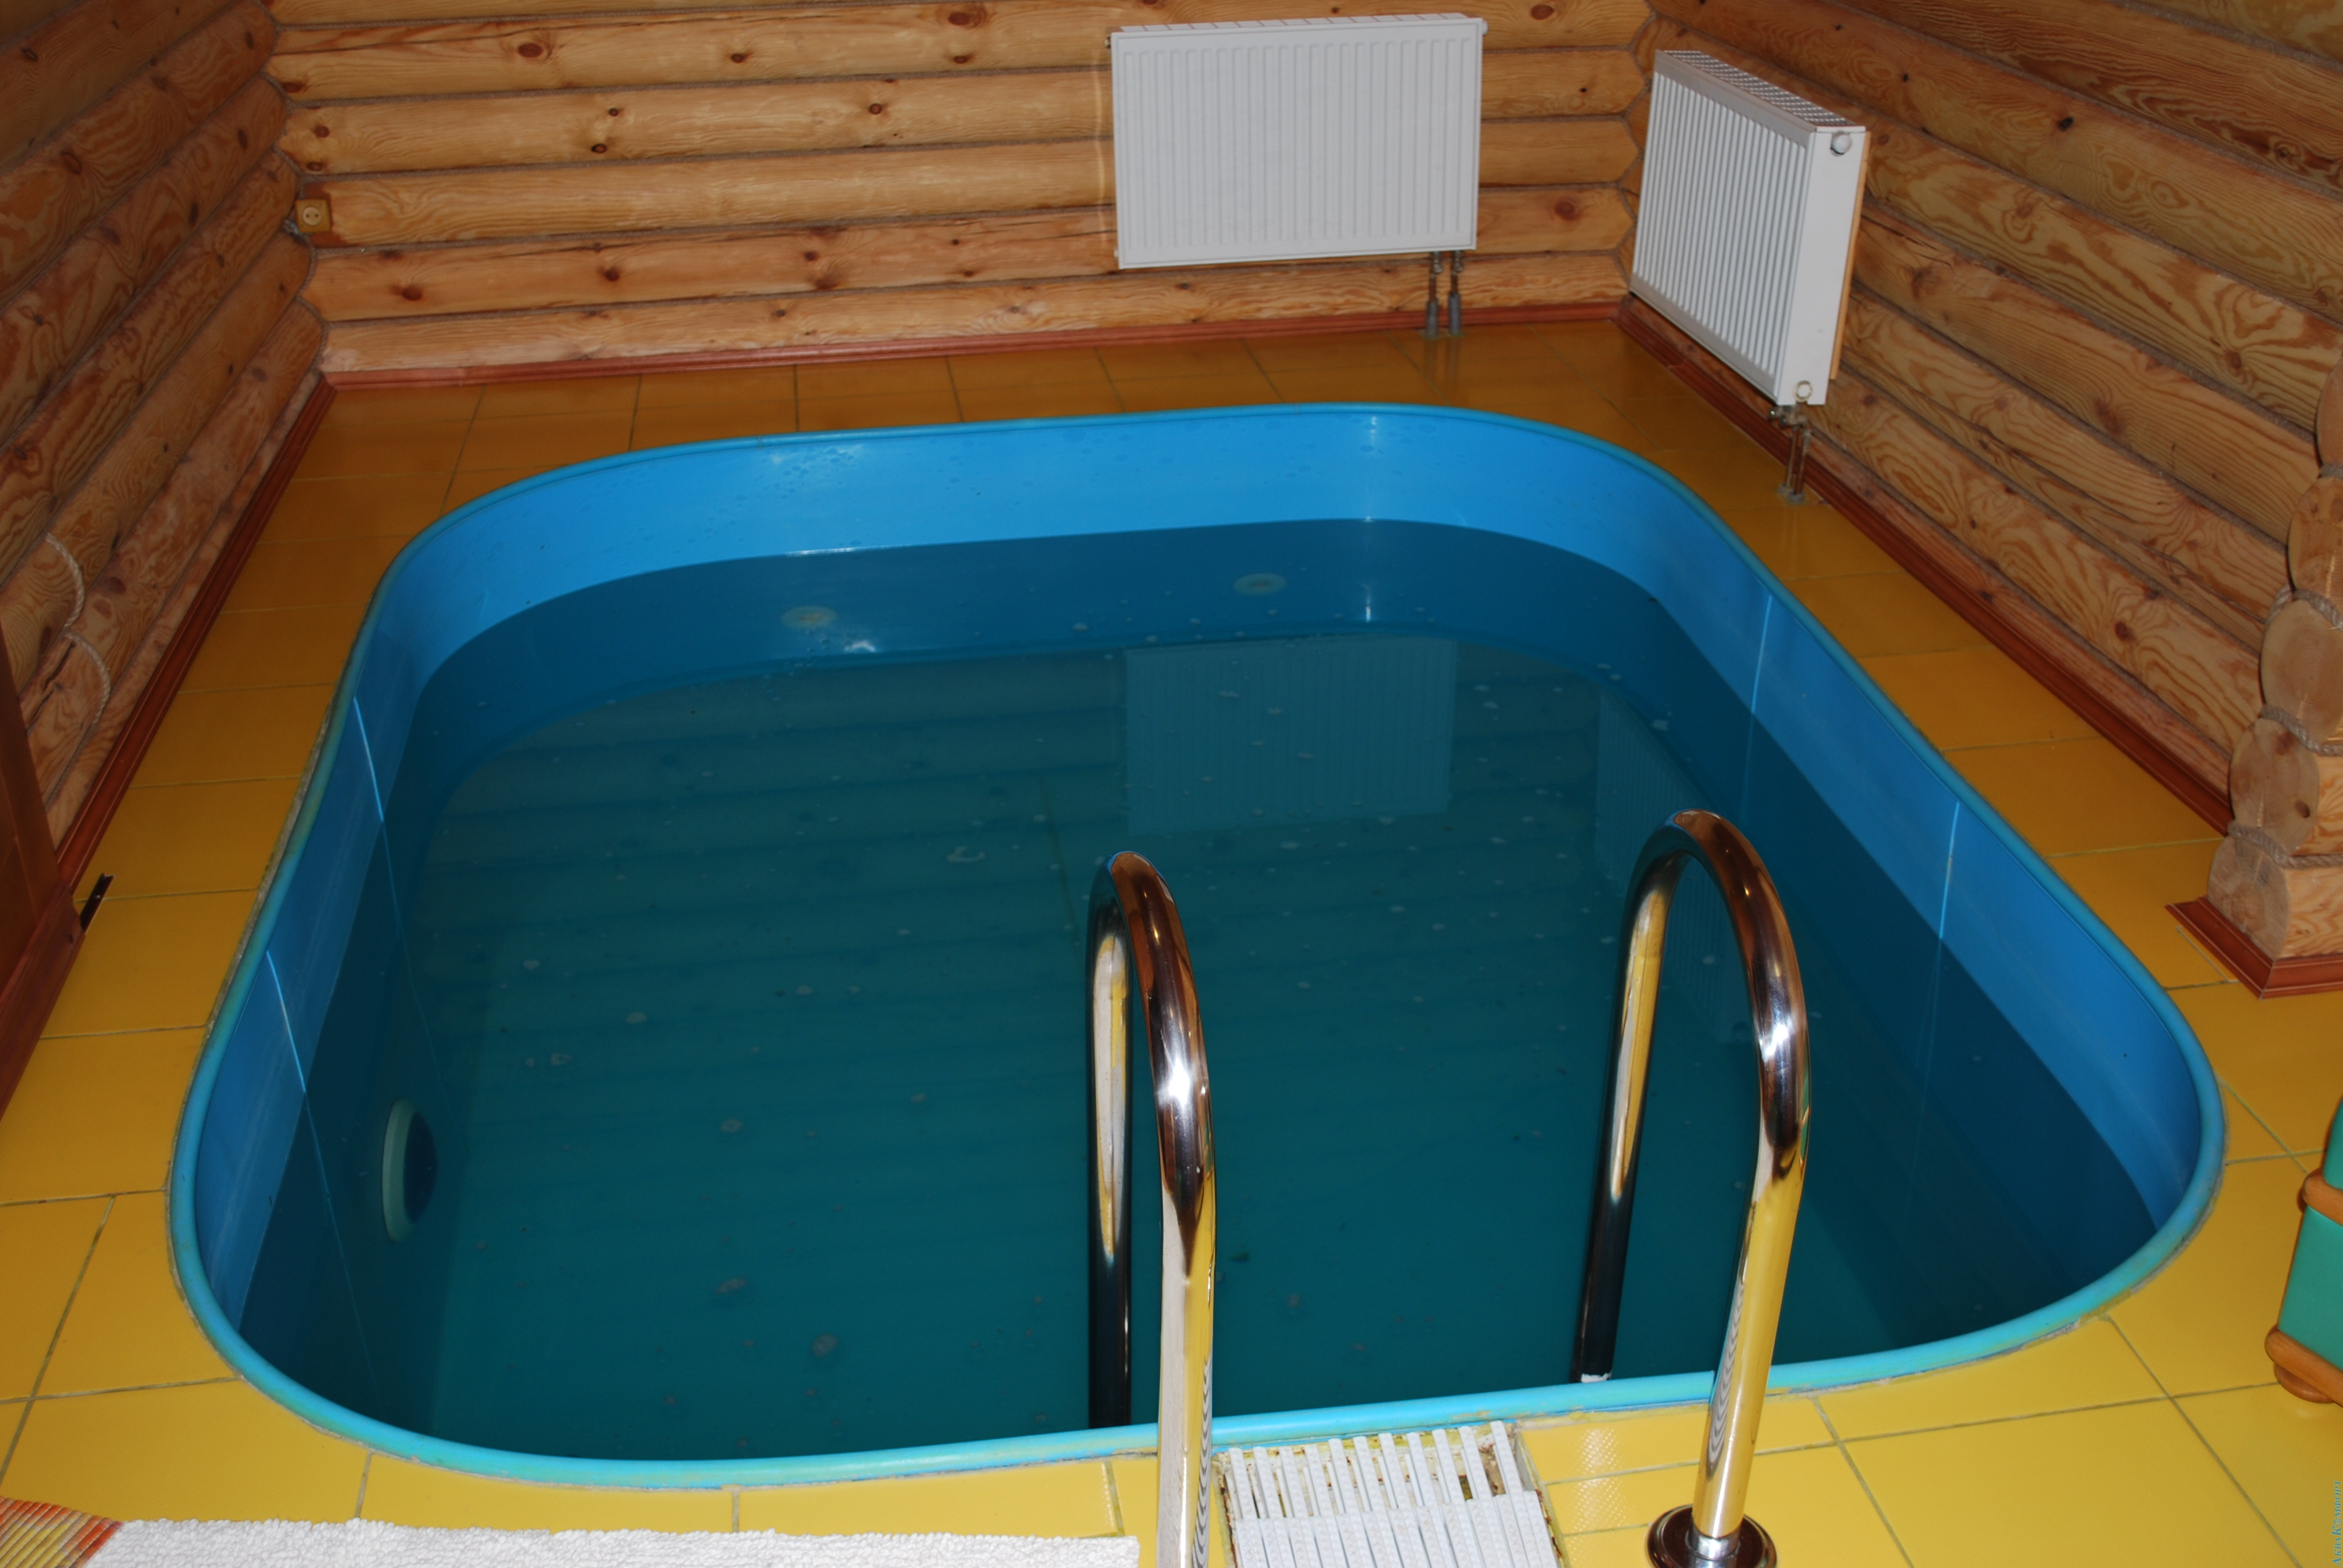 Пристройка бассейна к бане: типы резервуаров, которые можно пристроить, типы пристроек, а также сложности для бани с пристроенным бассейном